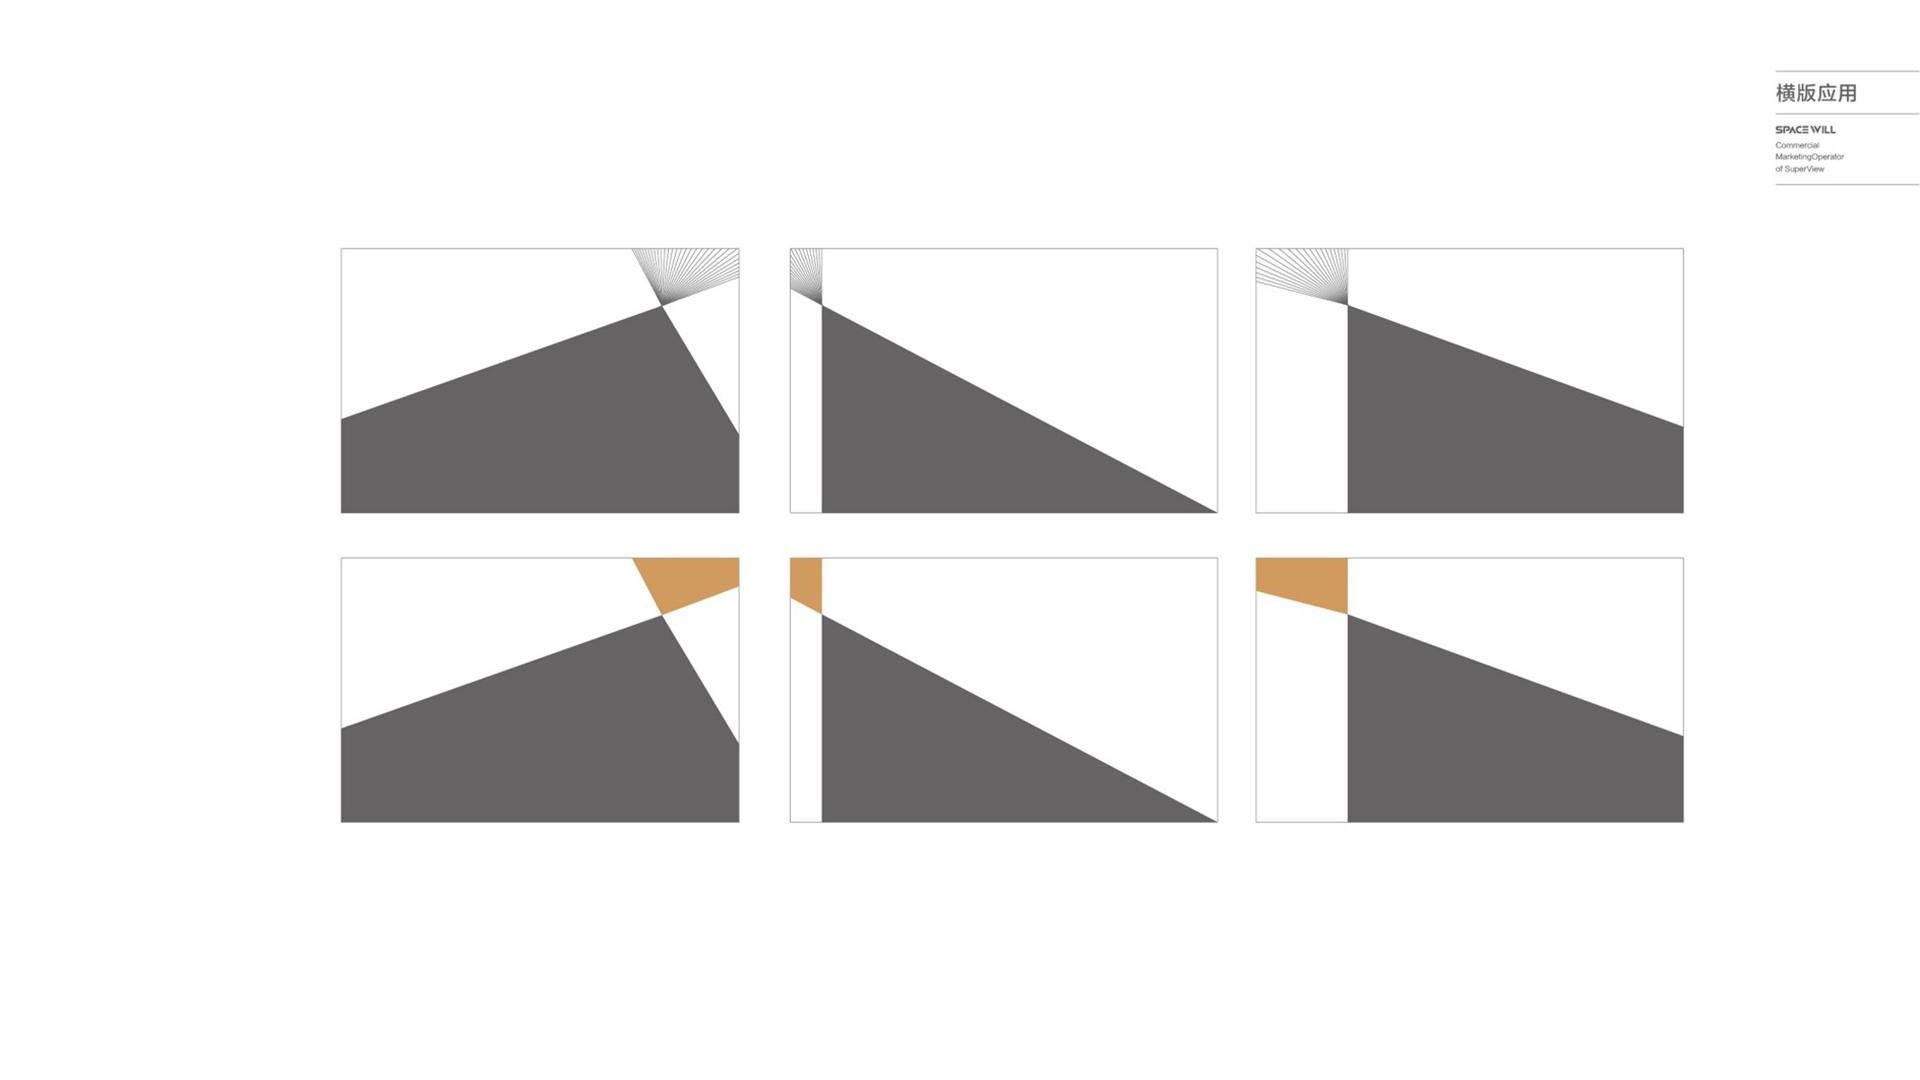 航天世景VI辅助图形横版应用说明